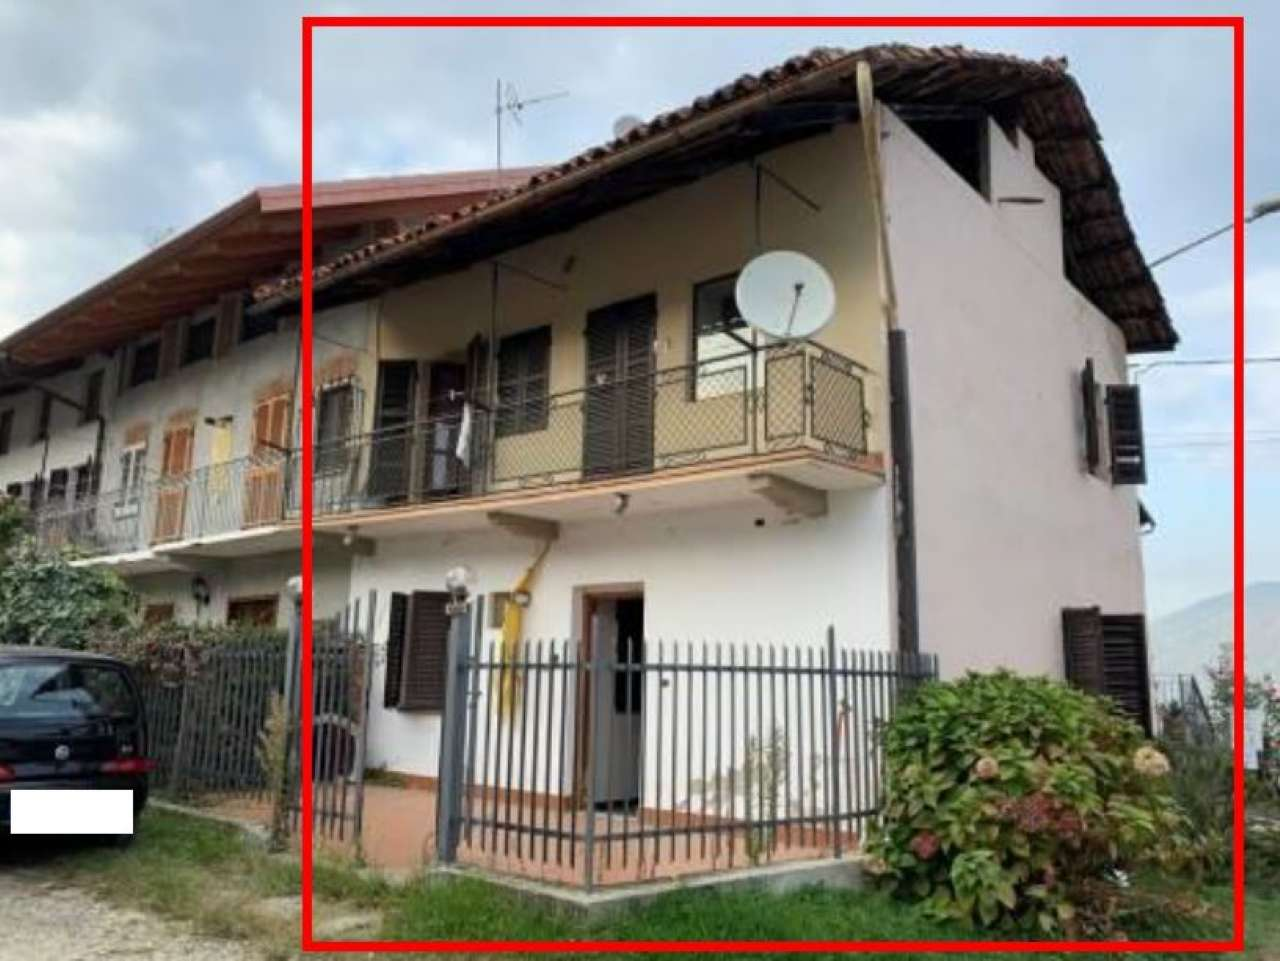 Appartamento in vendita a Trana, 3 locali, prezzo € 27.000 | CambioCasa.it